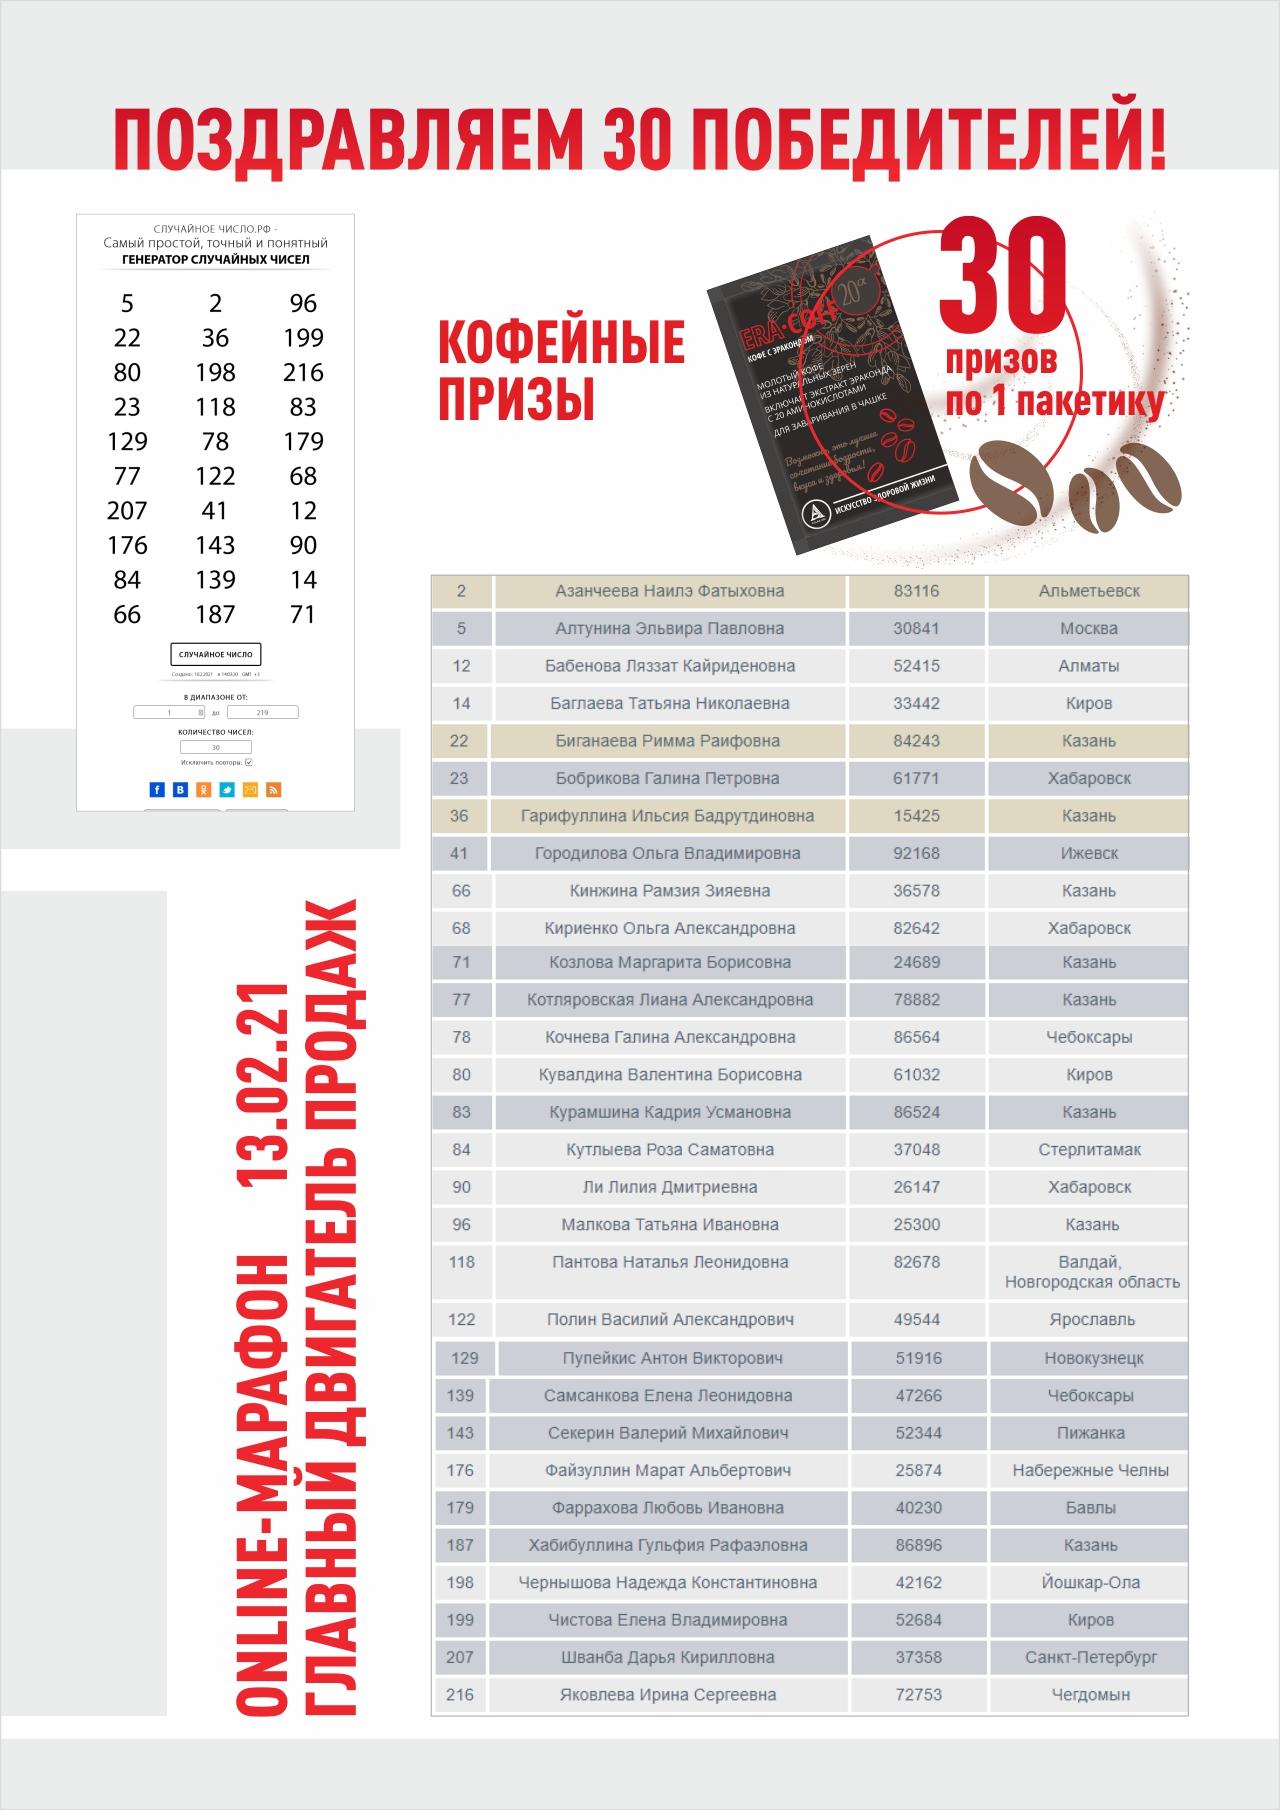 ONLINE-МАРАФОН ГЛАВНЫЙ ДВИГАТЕЛЬ ПРОДАЖ 30 ПОБЕДИТЕЛЕЙ